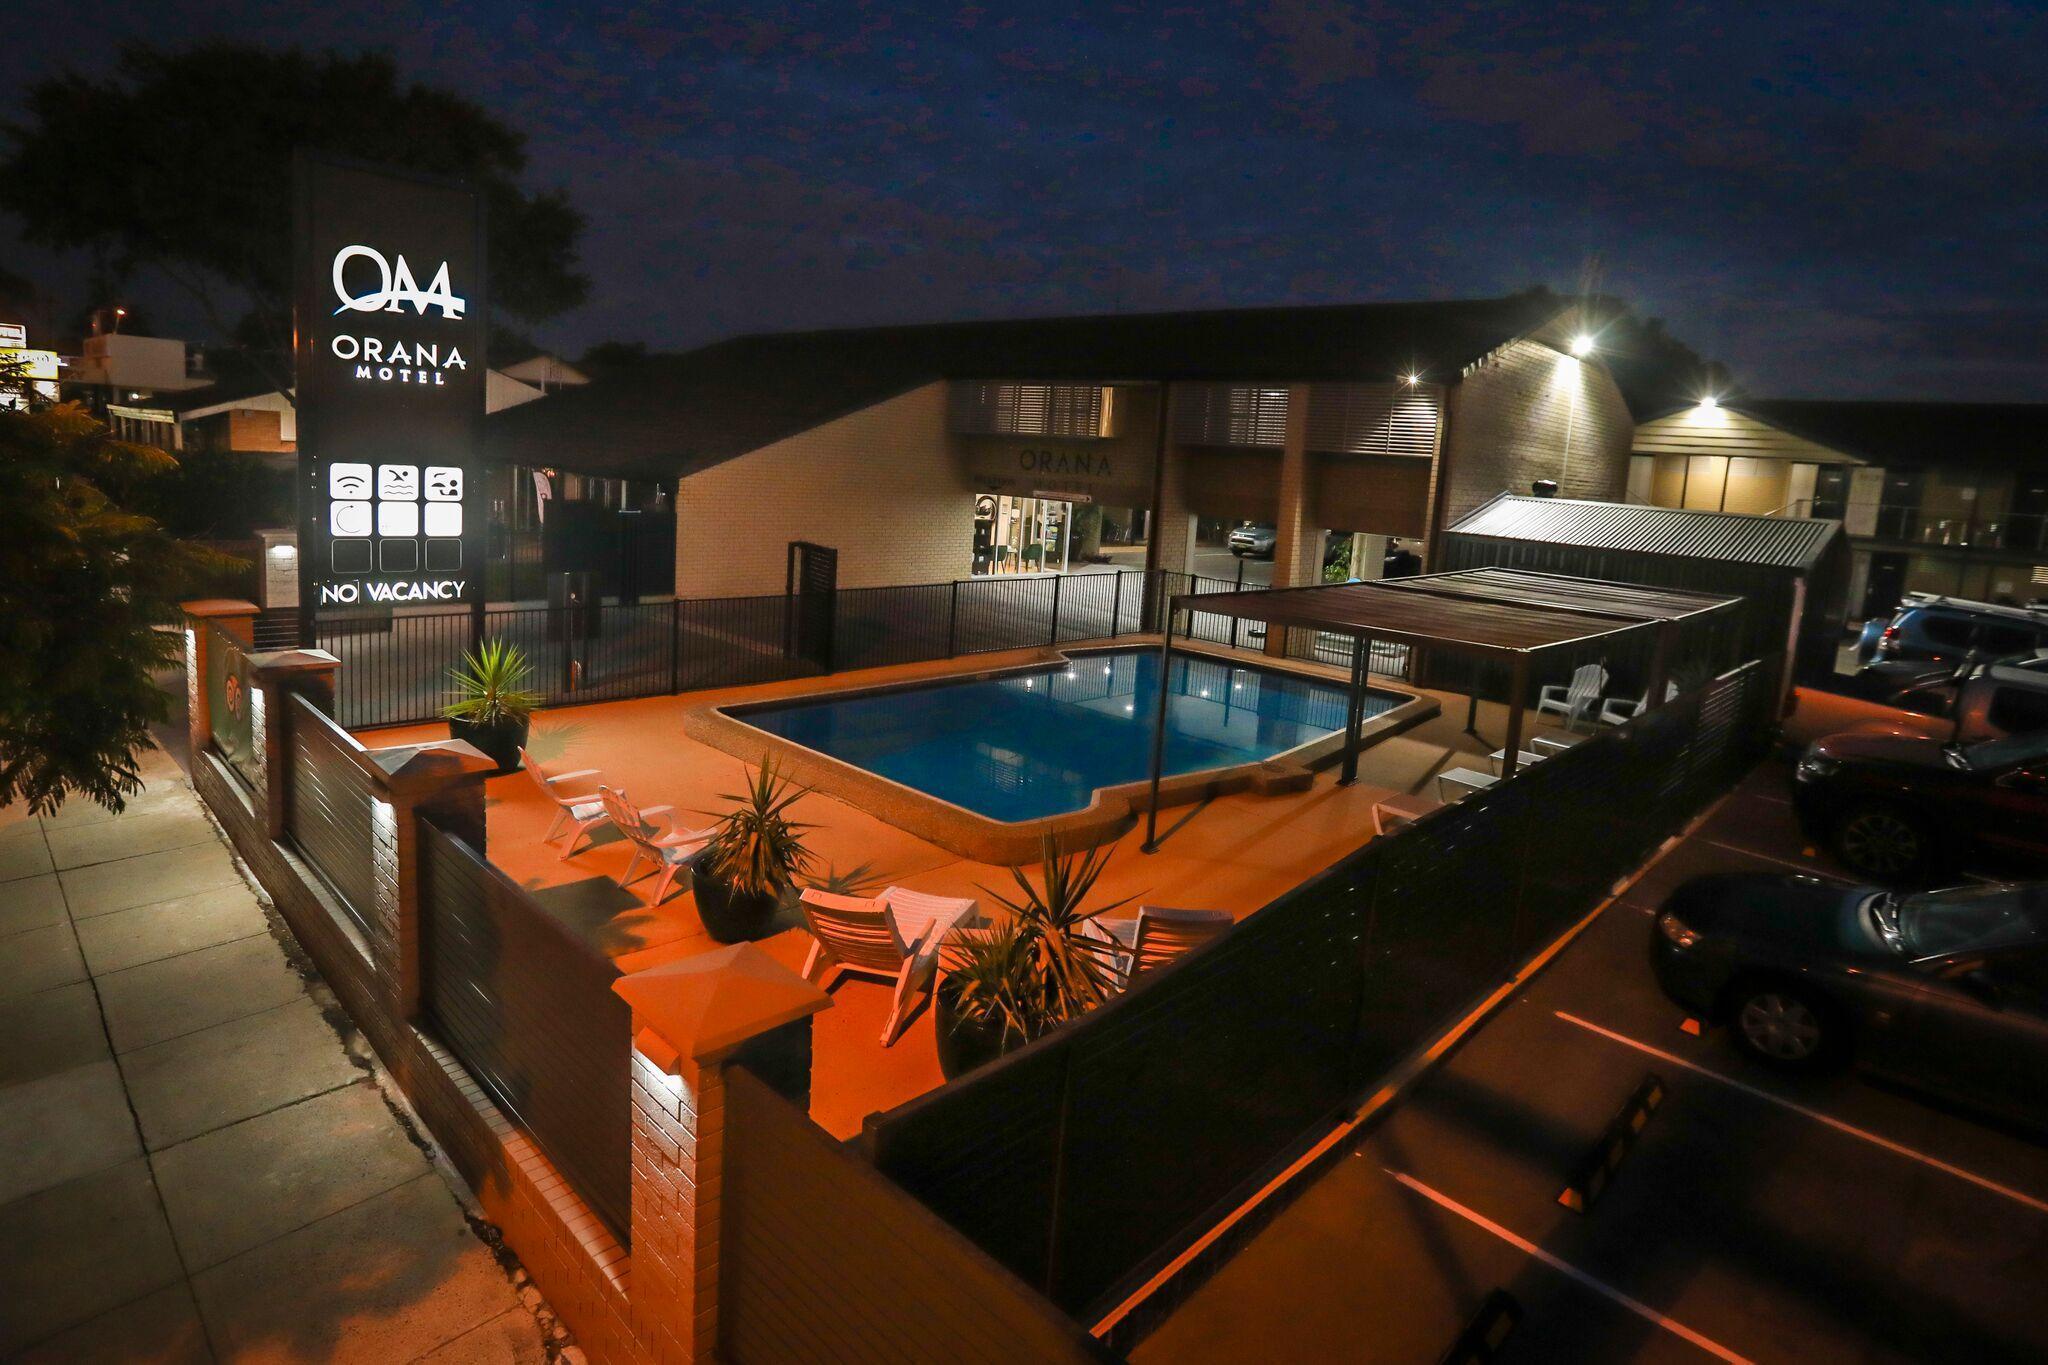 Orana Motel